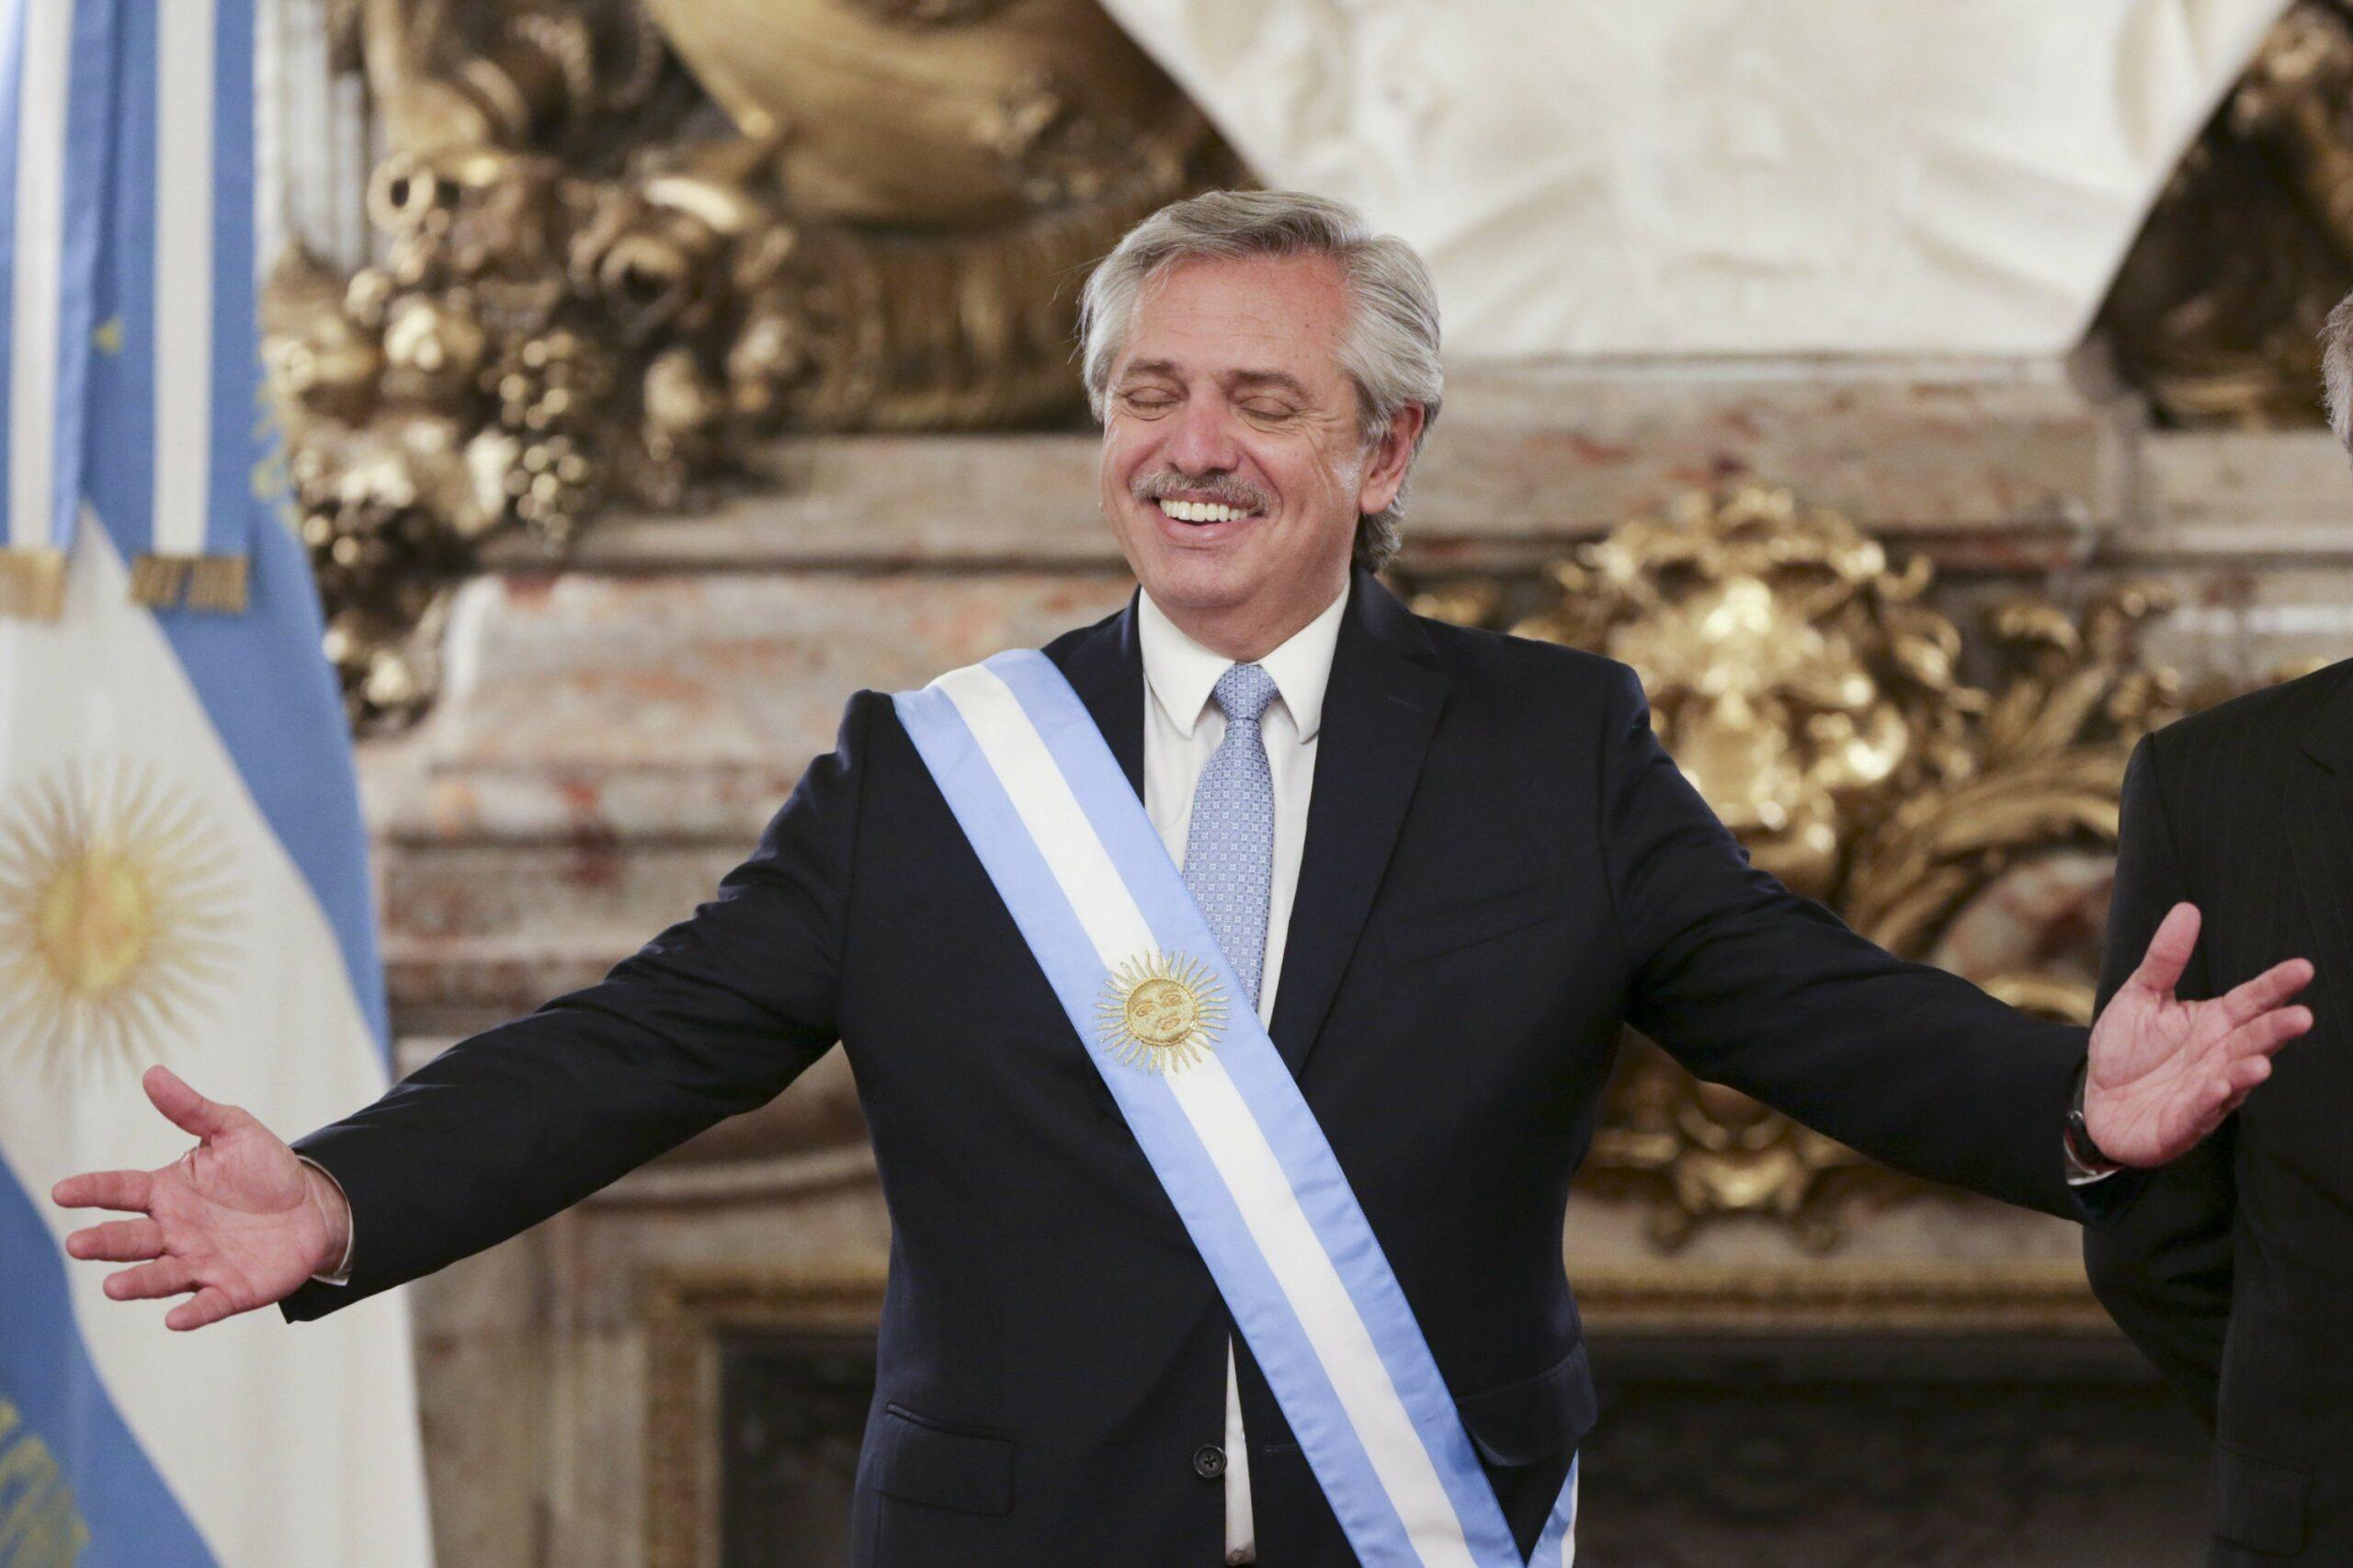 رئيس الأرجنتين: لا يوجد سبب لمنع اعتماد البيتكوين